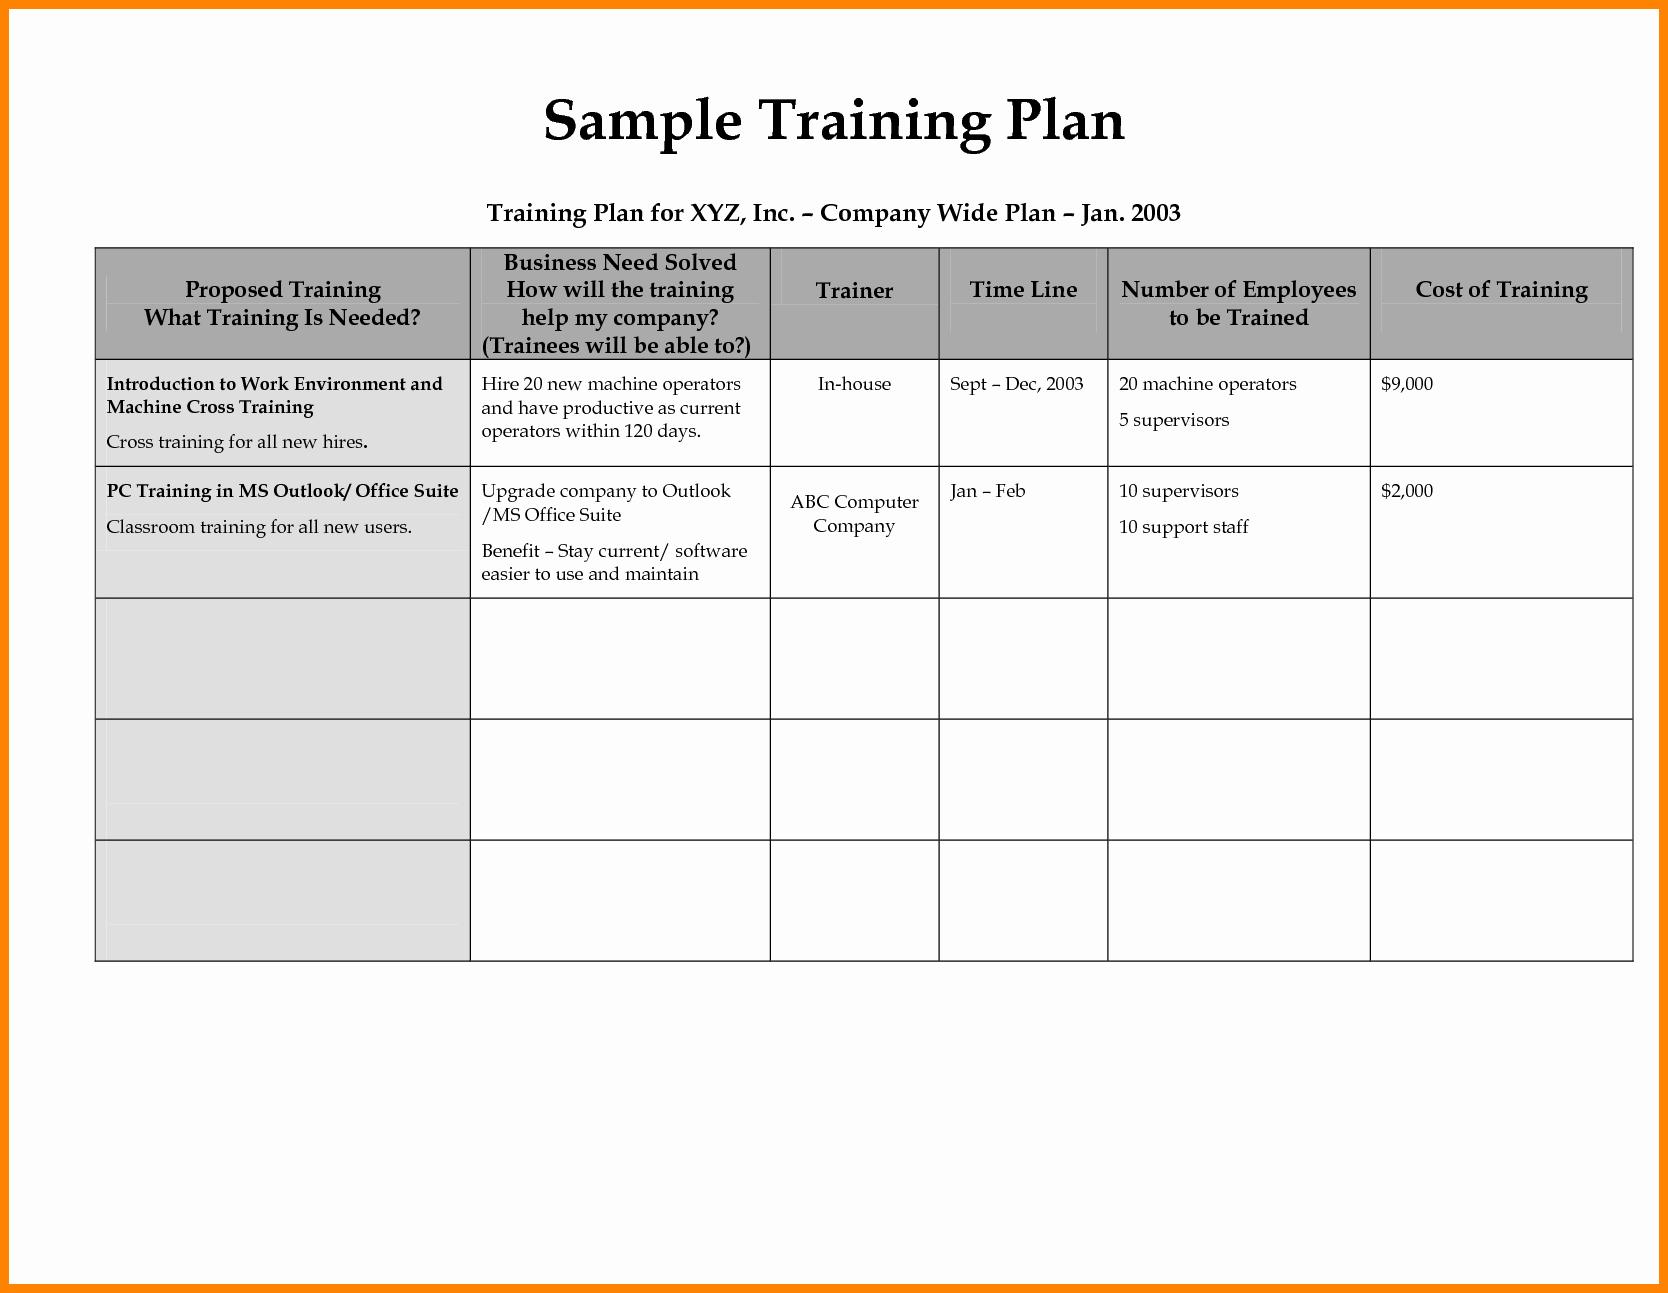 Sample Training Plan Template Elegant 8 Employee Training Plan Template